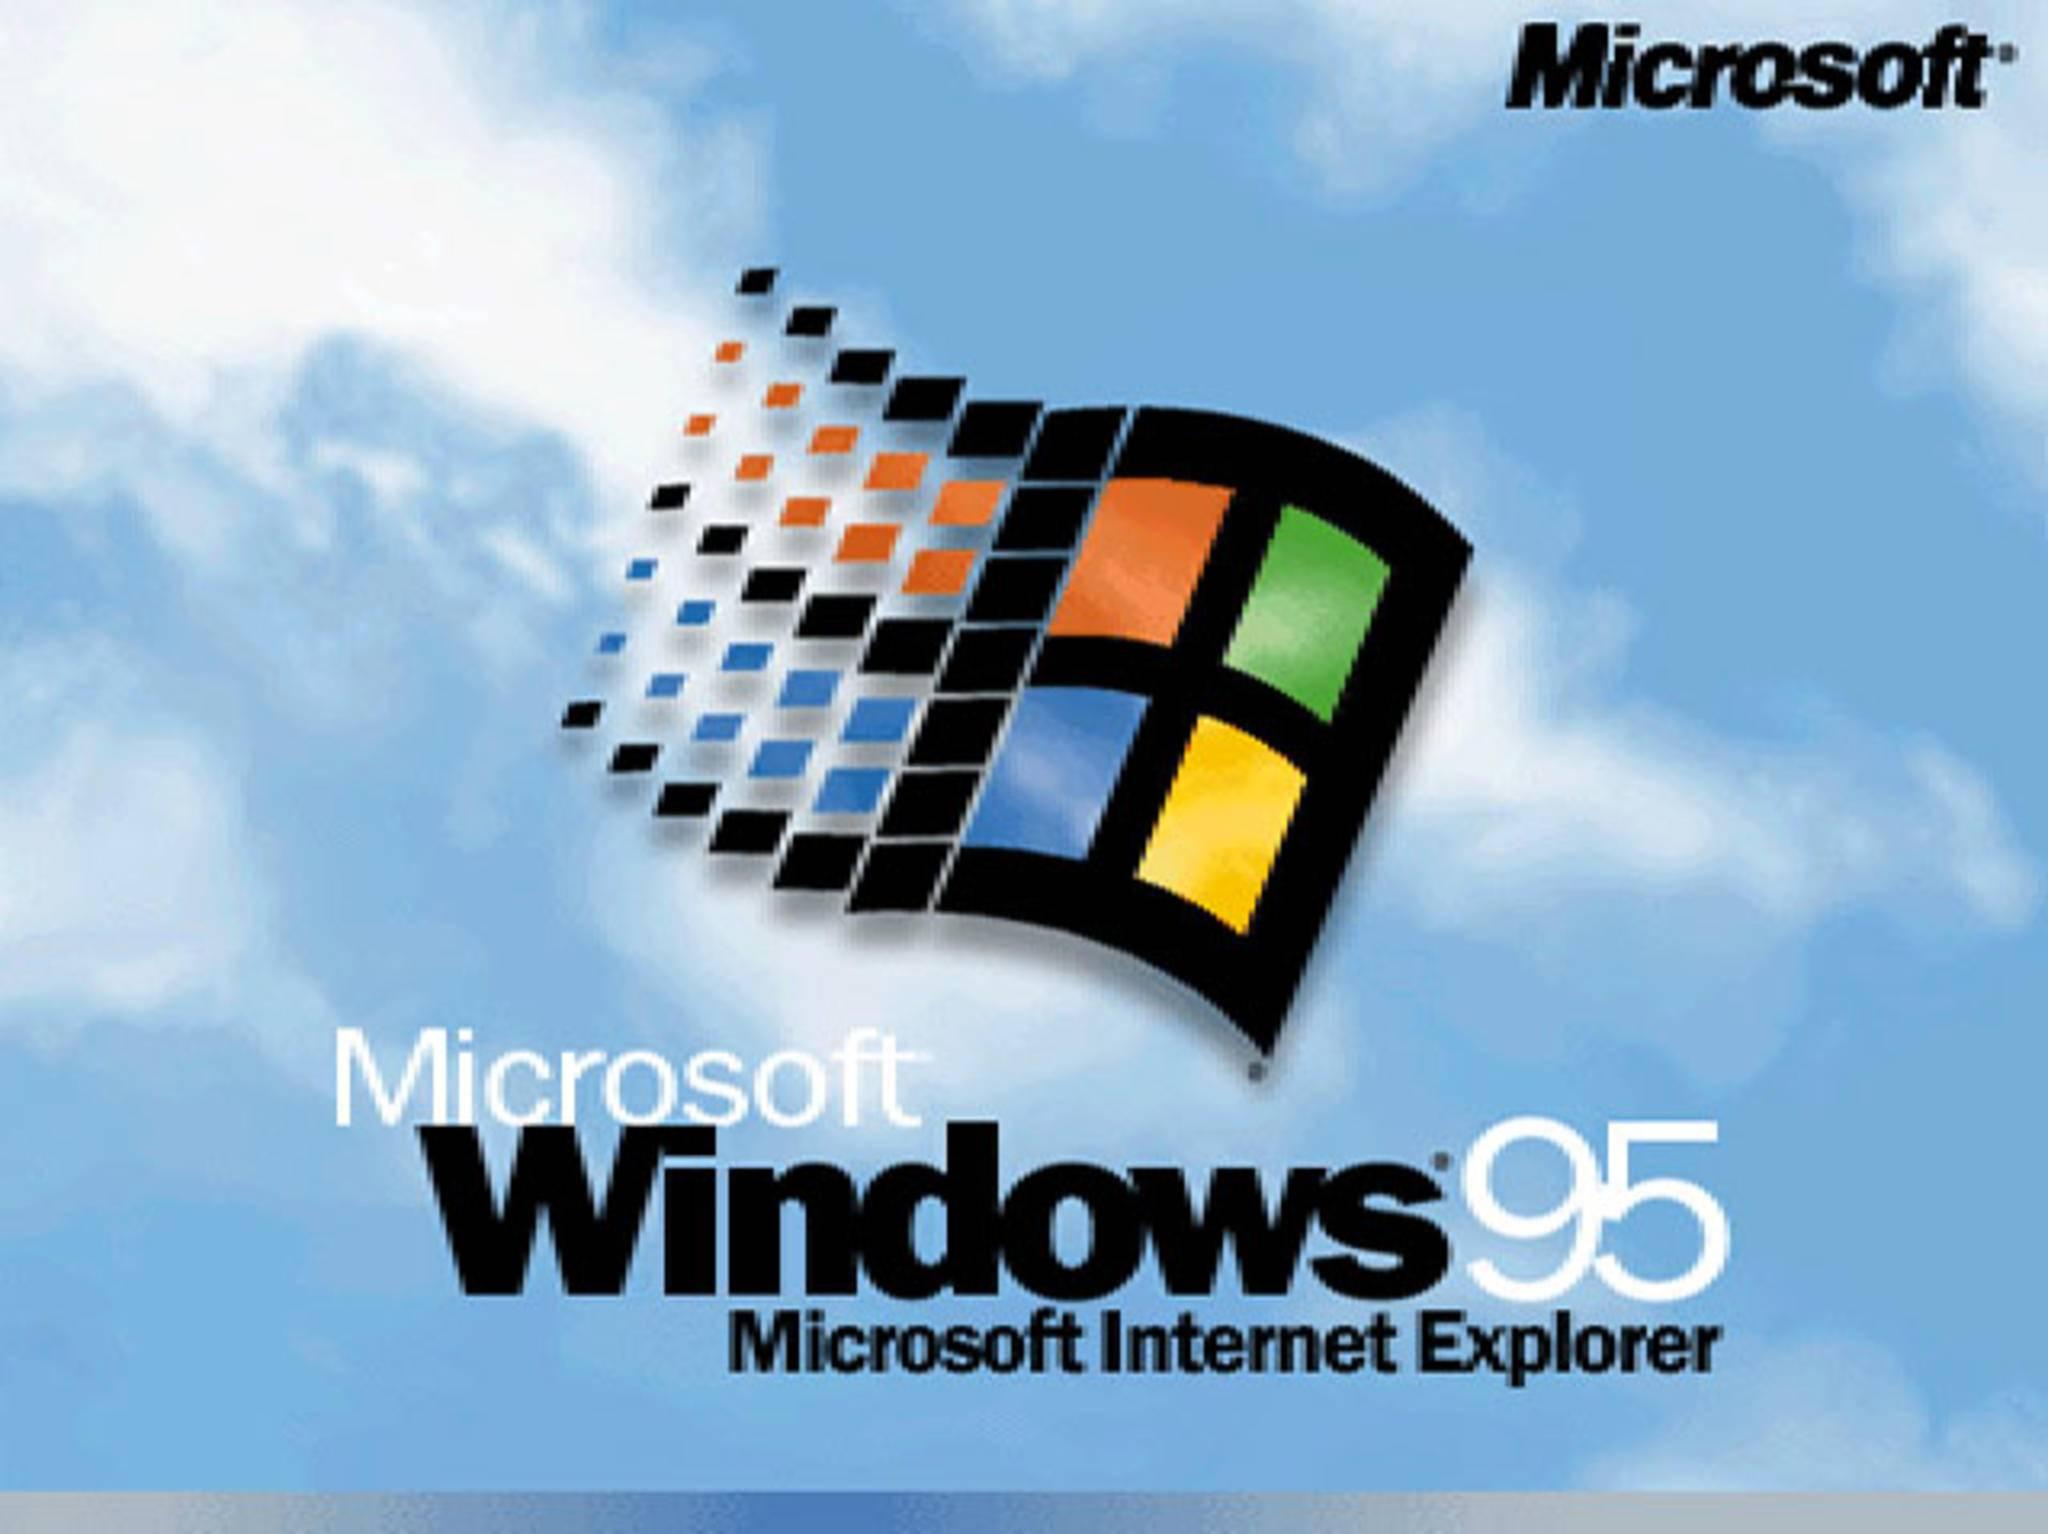 Windows 95 läuft jetzt sogar im Browser – aber langsam.